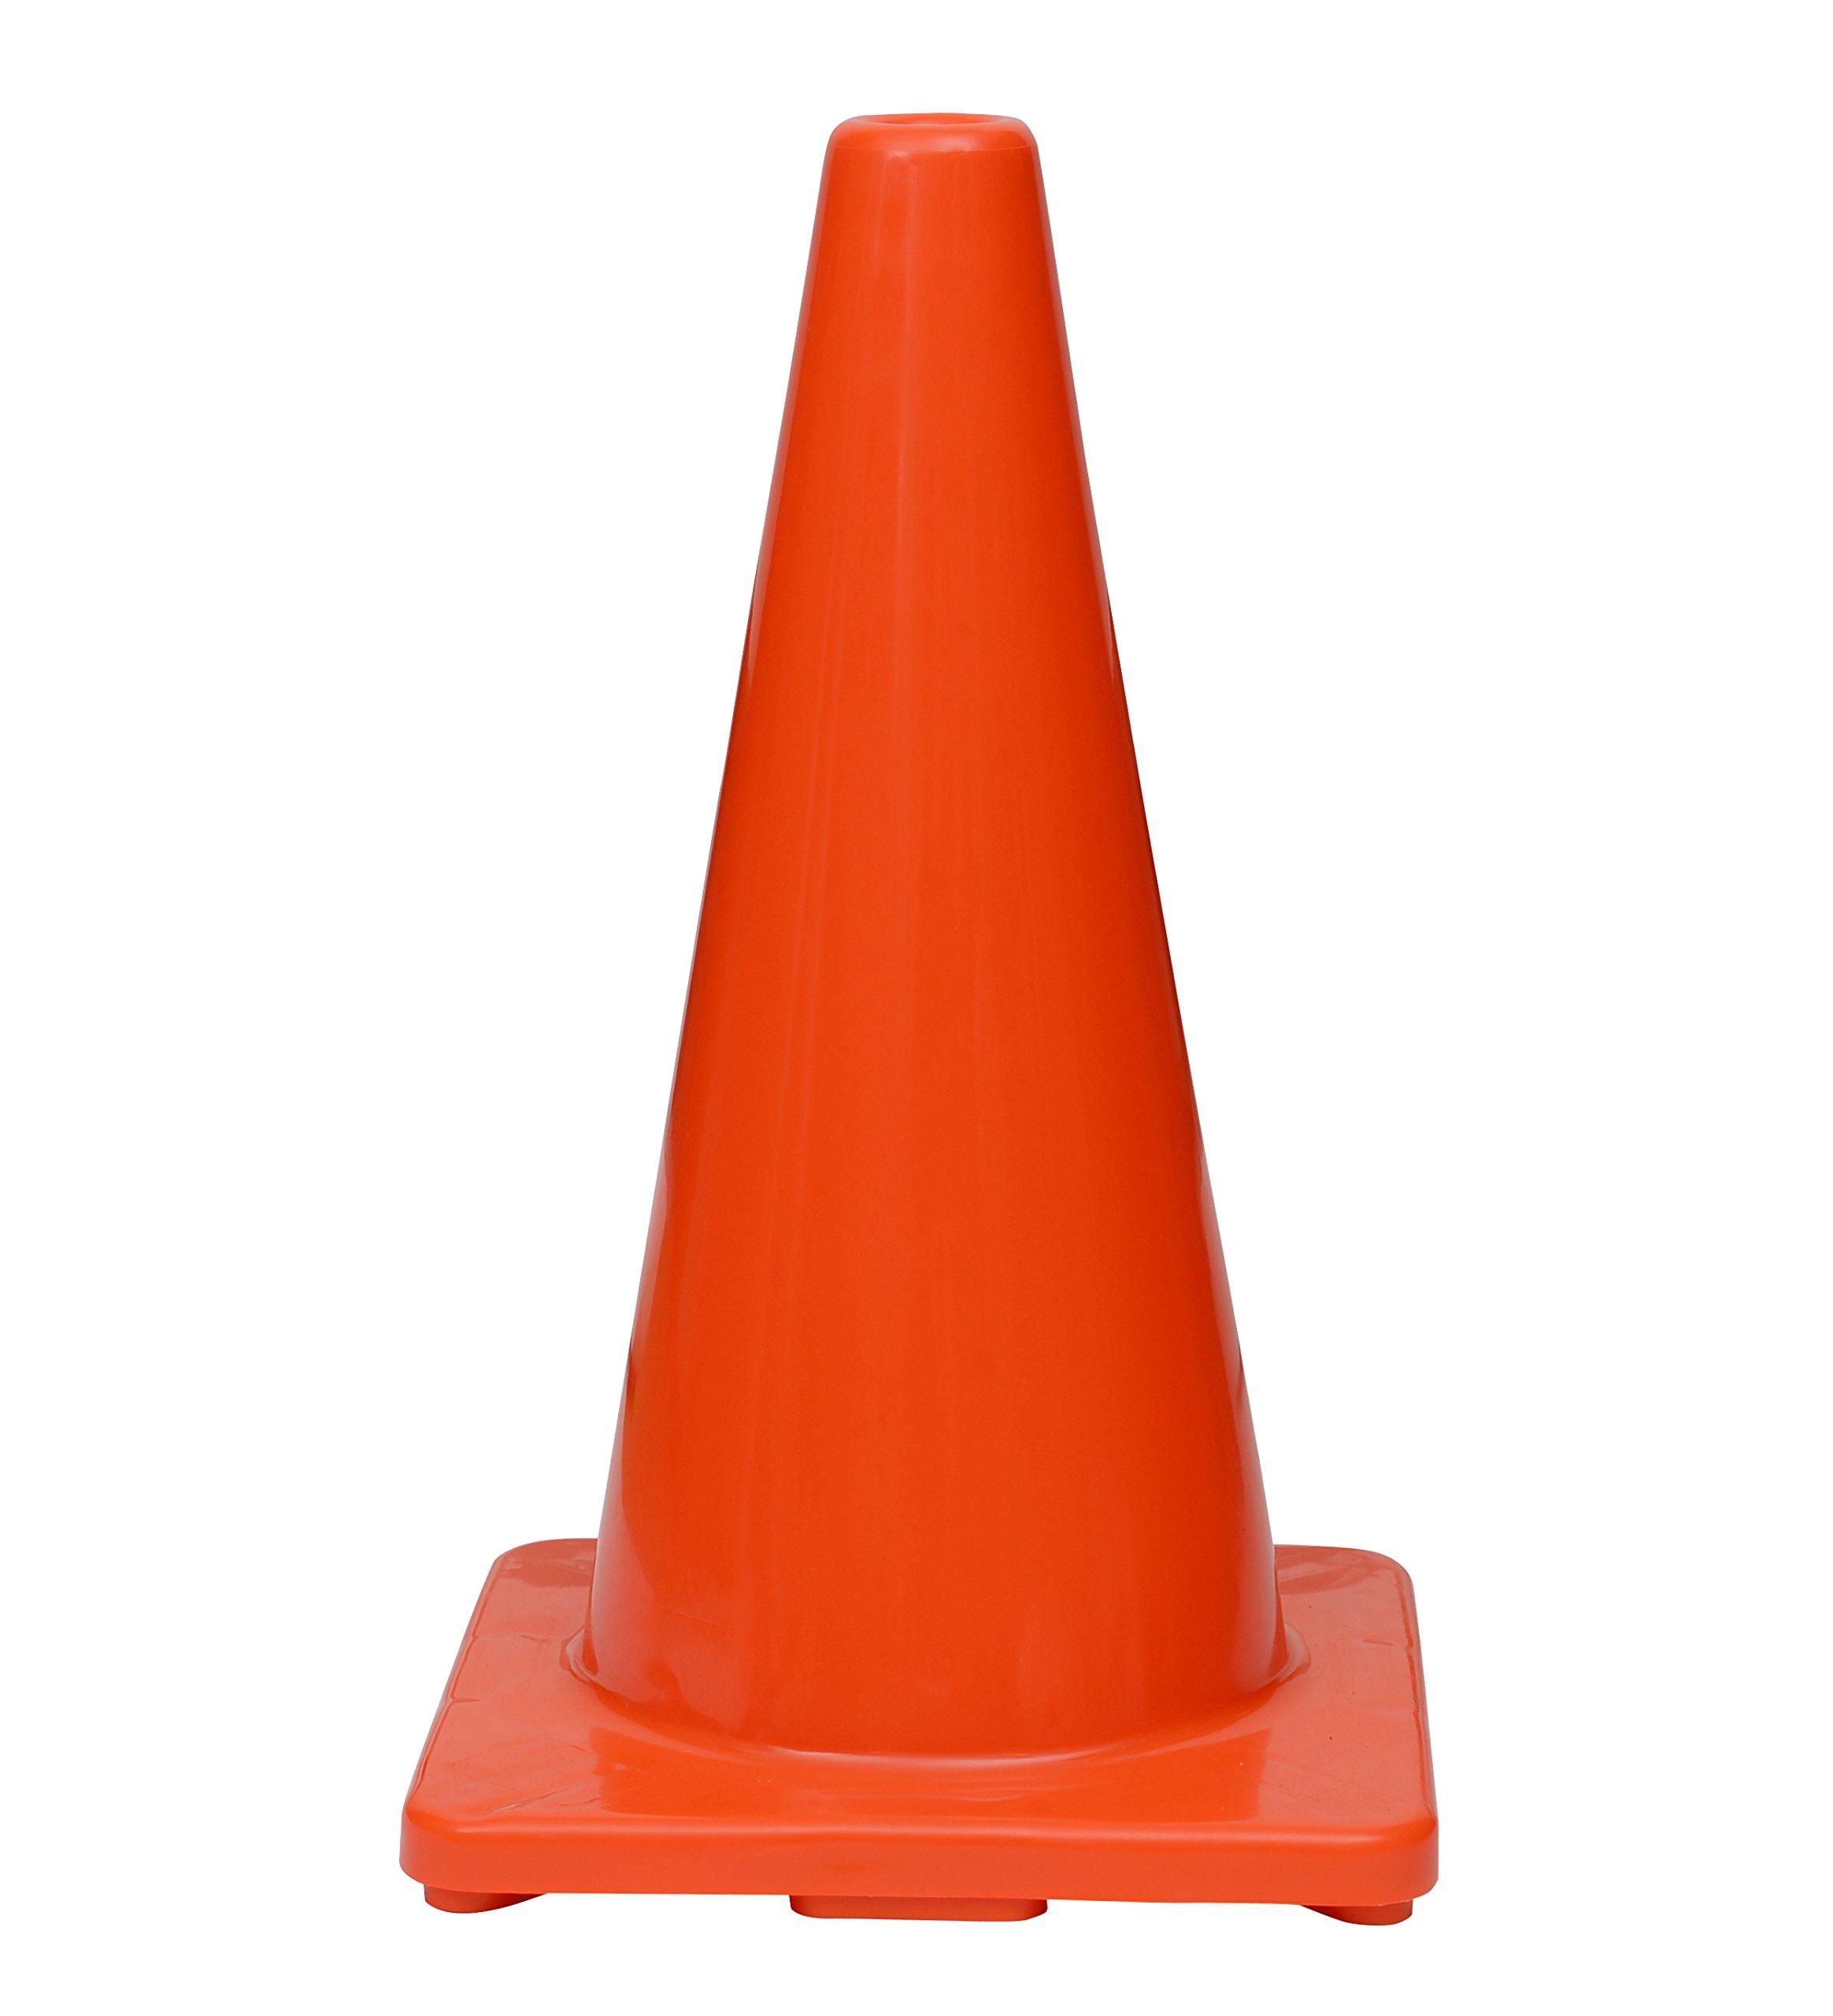 (36 Cones) CJ Safety 18'' Orange Premium PVC Safety Cones - No Reflective Collar (Set of 36)